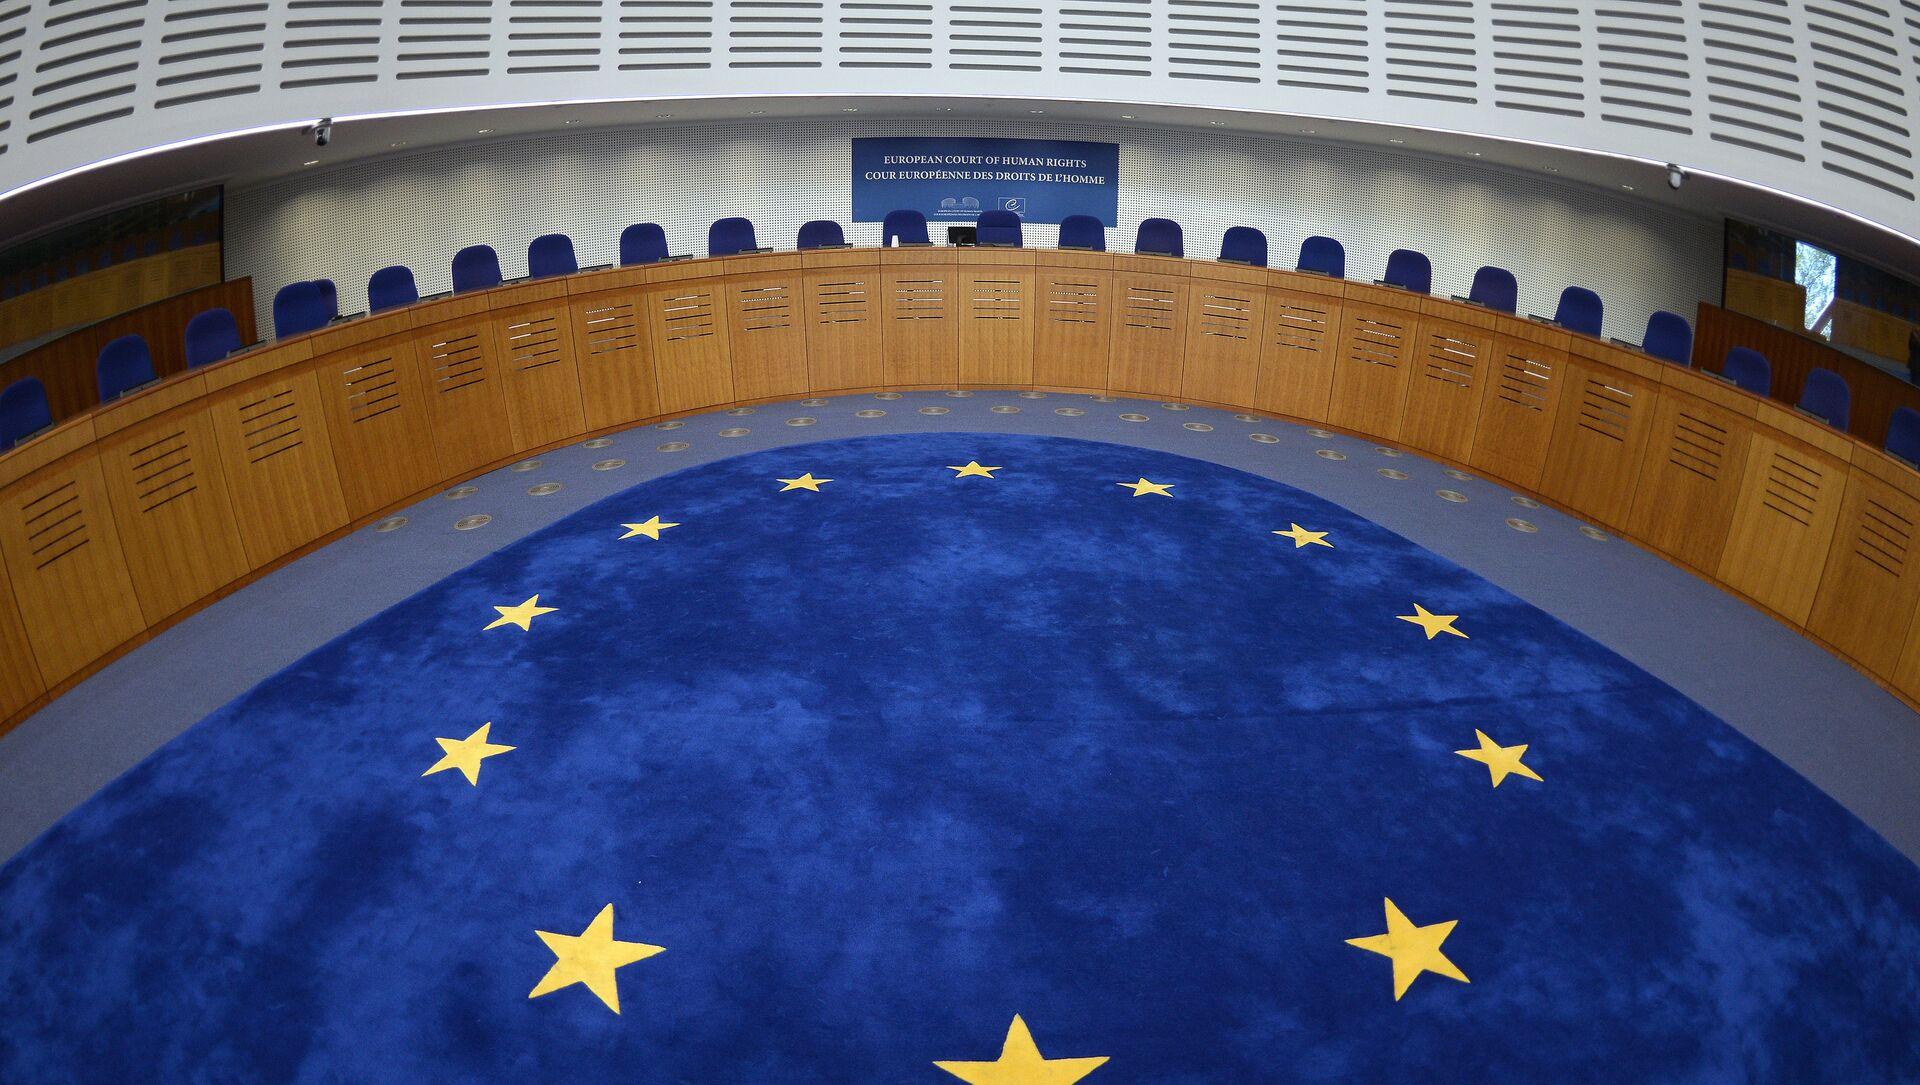 欧州人権裁判所 - Sputnik 日本, 1920, 23.07.2021